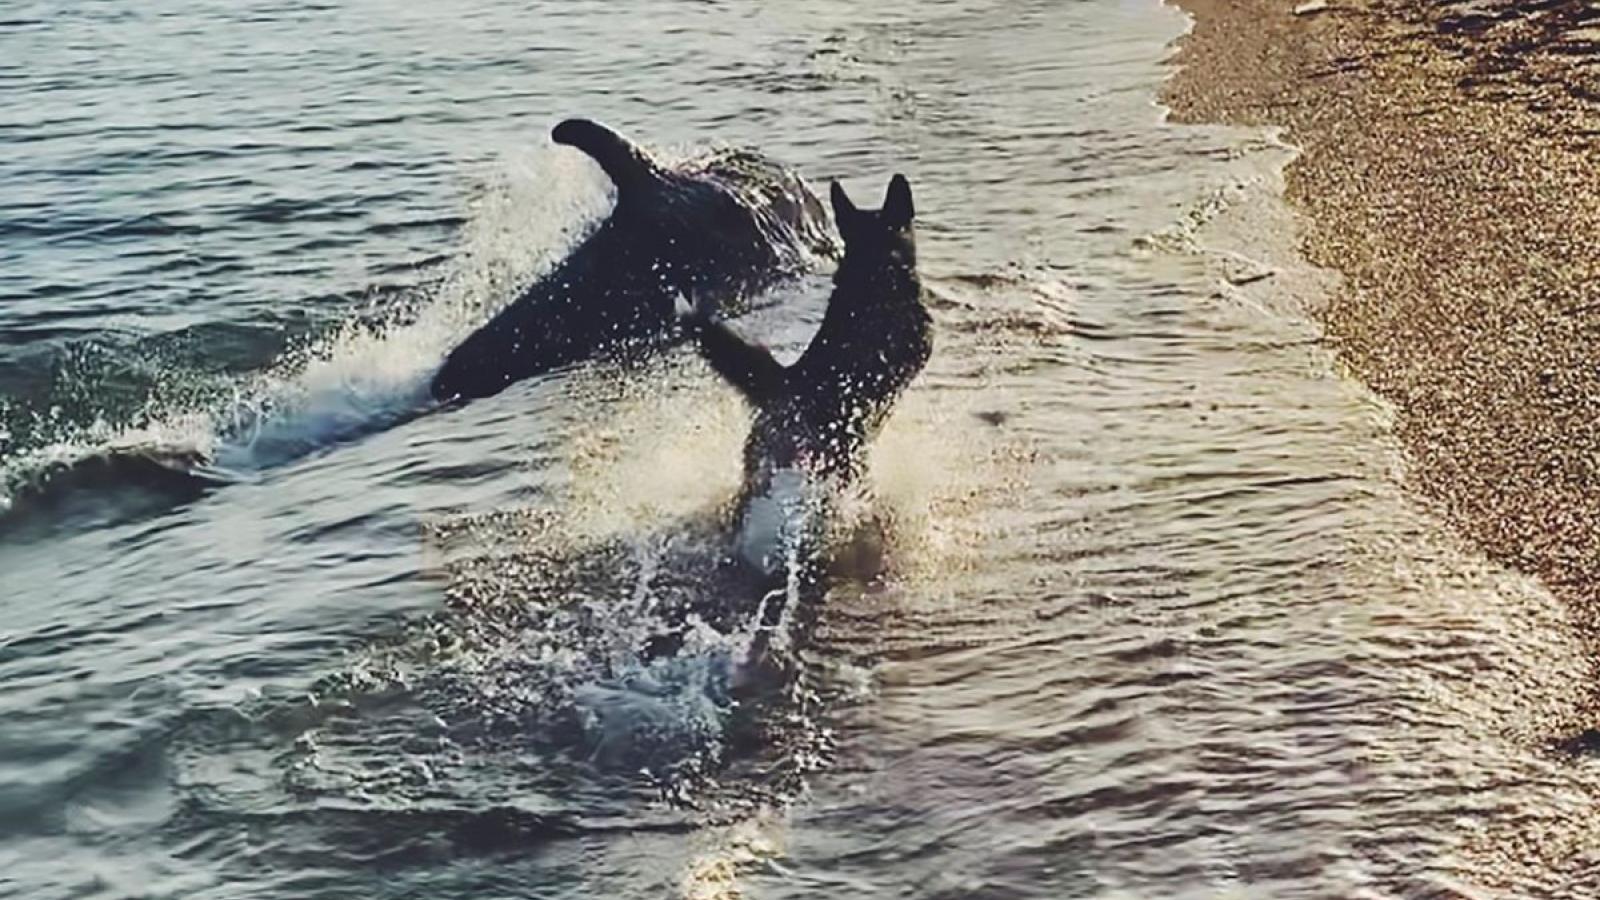 Cảnh tượng đáng kinh ngạc khi đàn cá heo đùa giỡn với chú chó